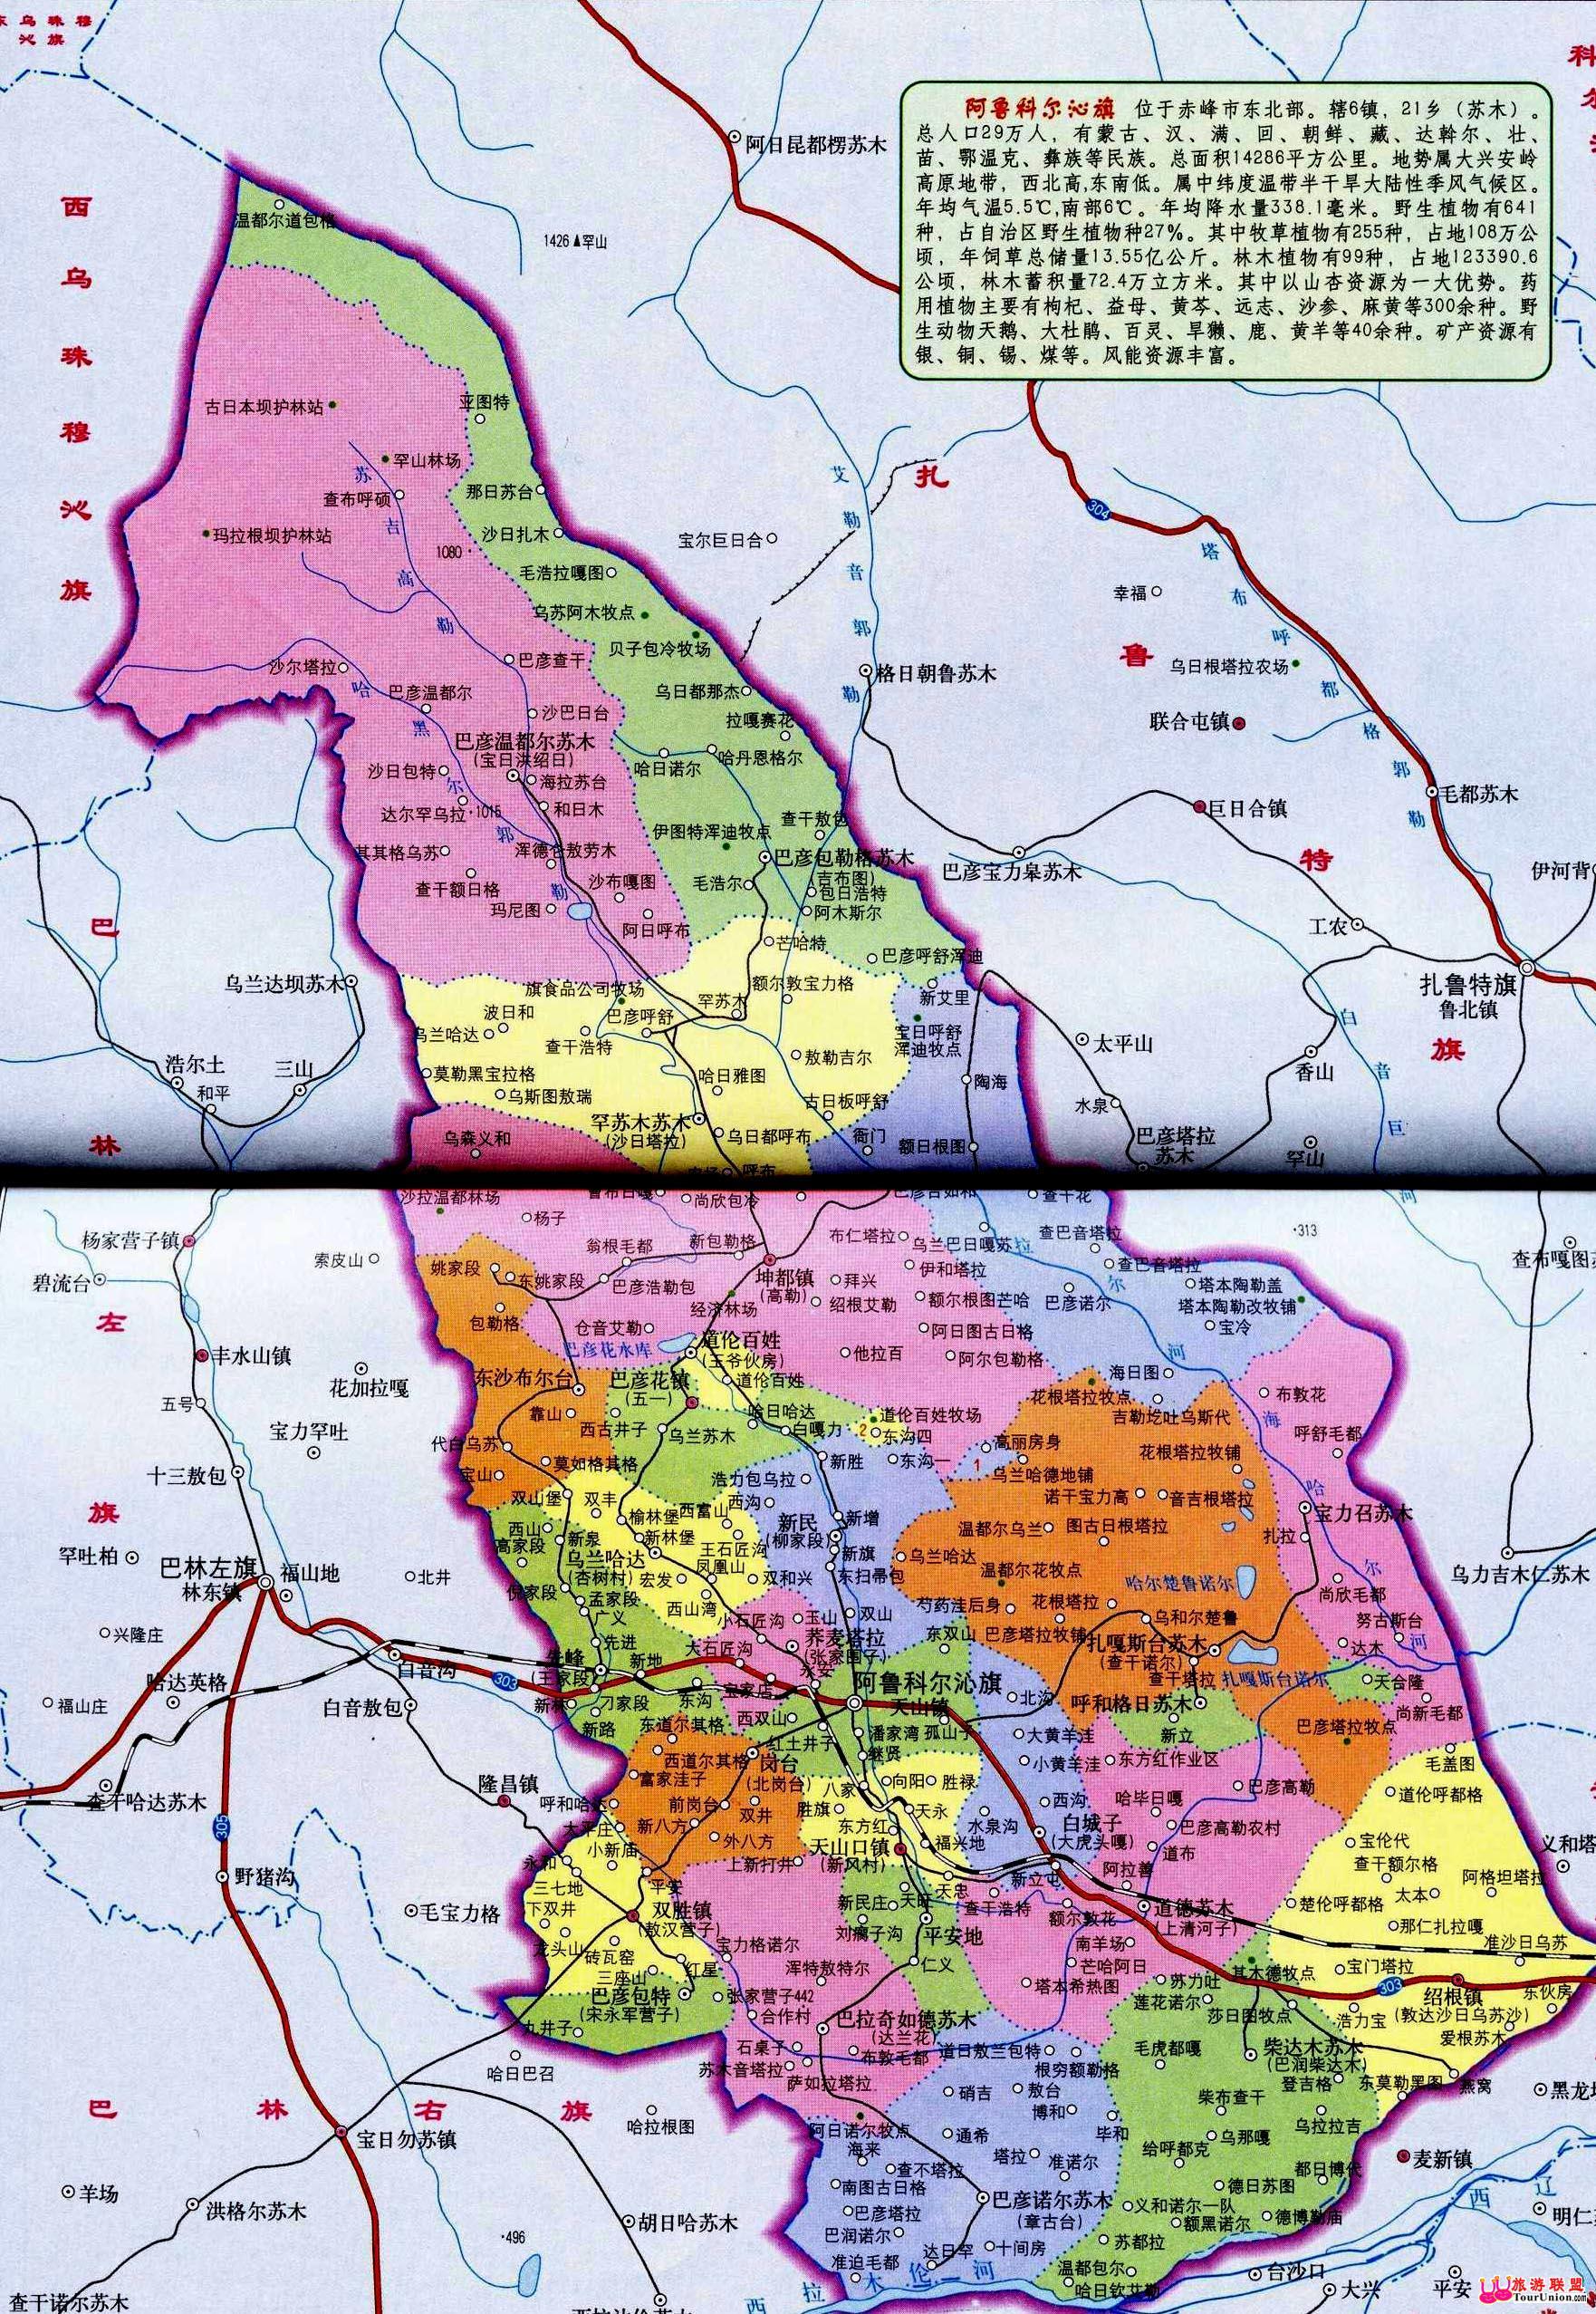 赤峰阿鲁科尔沁旗网_第五届中国苜蓿发展大会在赤峰市阿鲁科尔沁旗